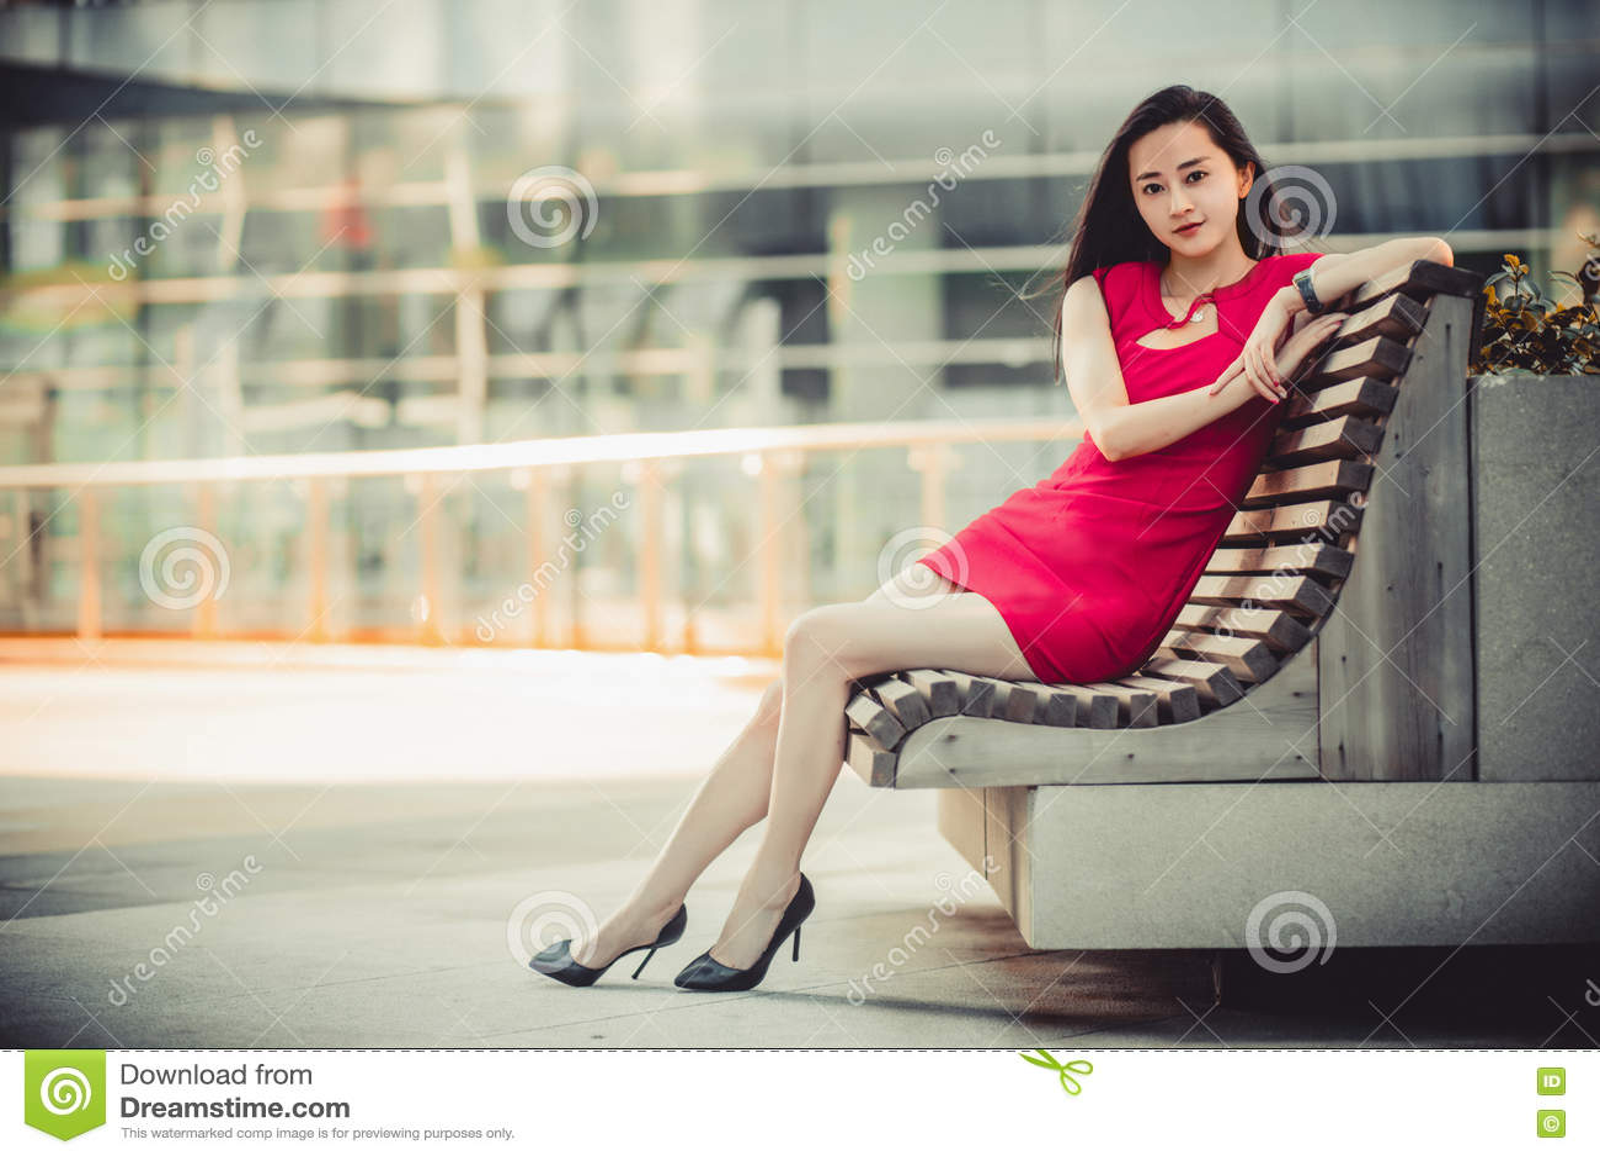 asian-babe-posing